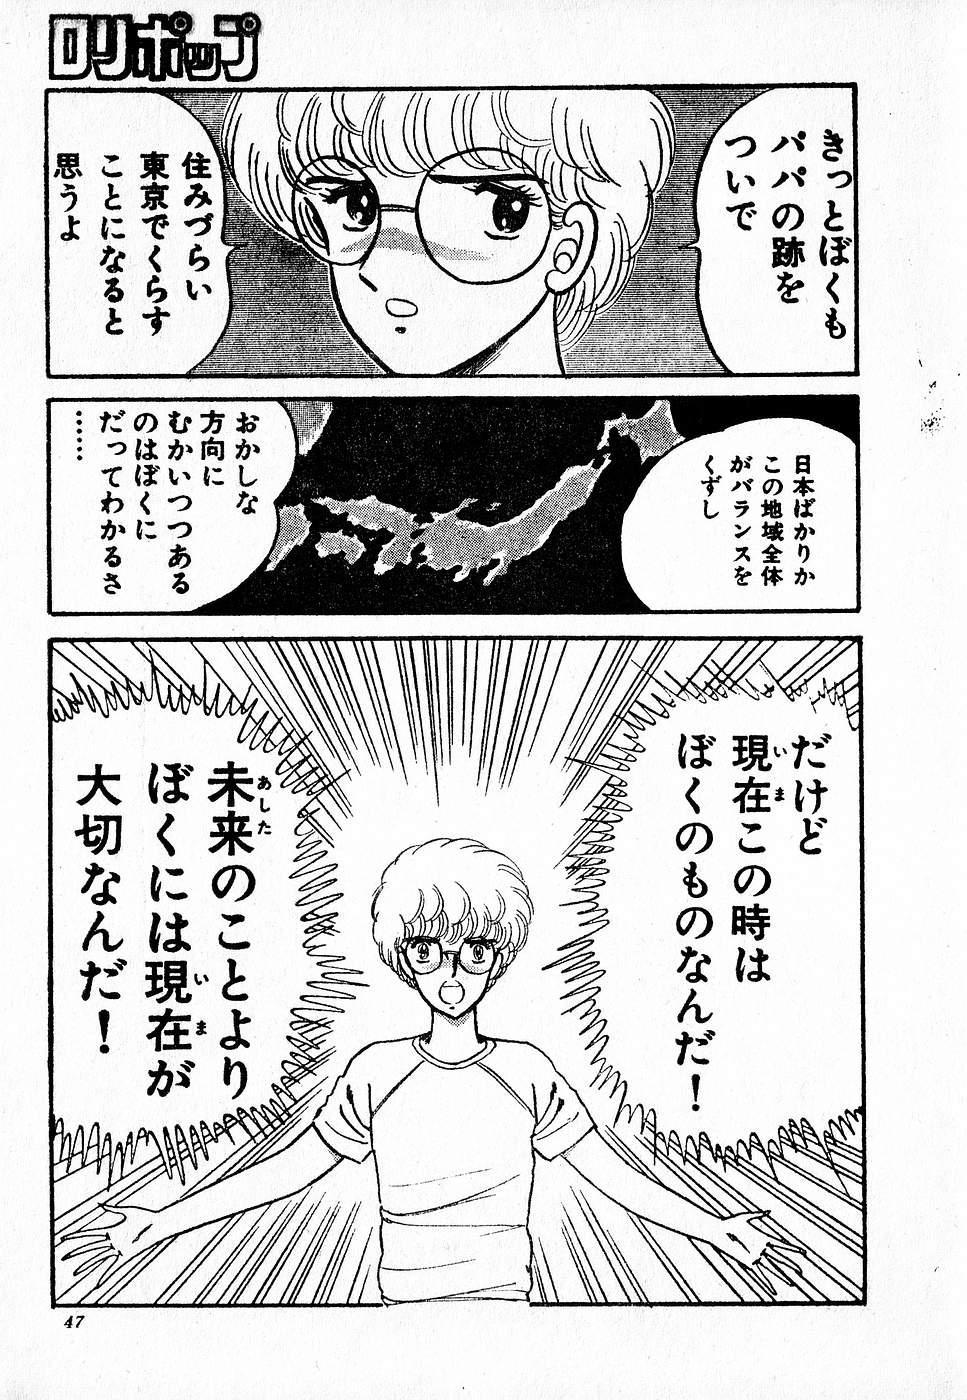 COMIC Lolipop 1985-10 Soukanjunbigou Aki 46